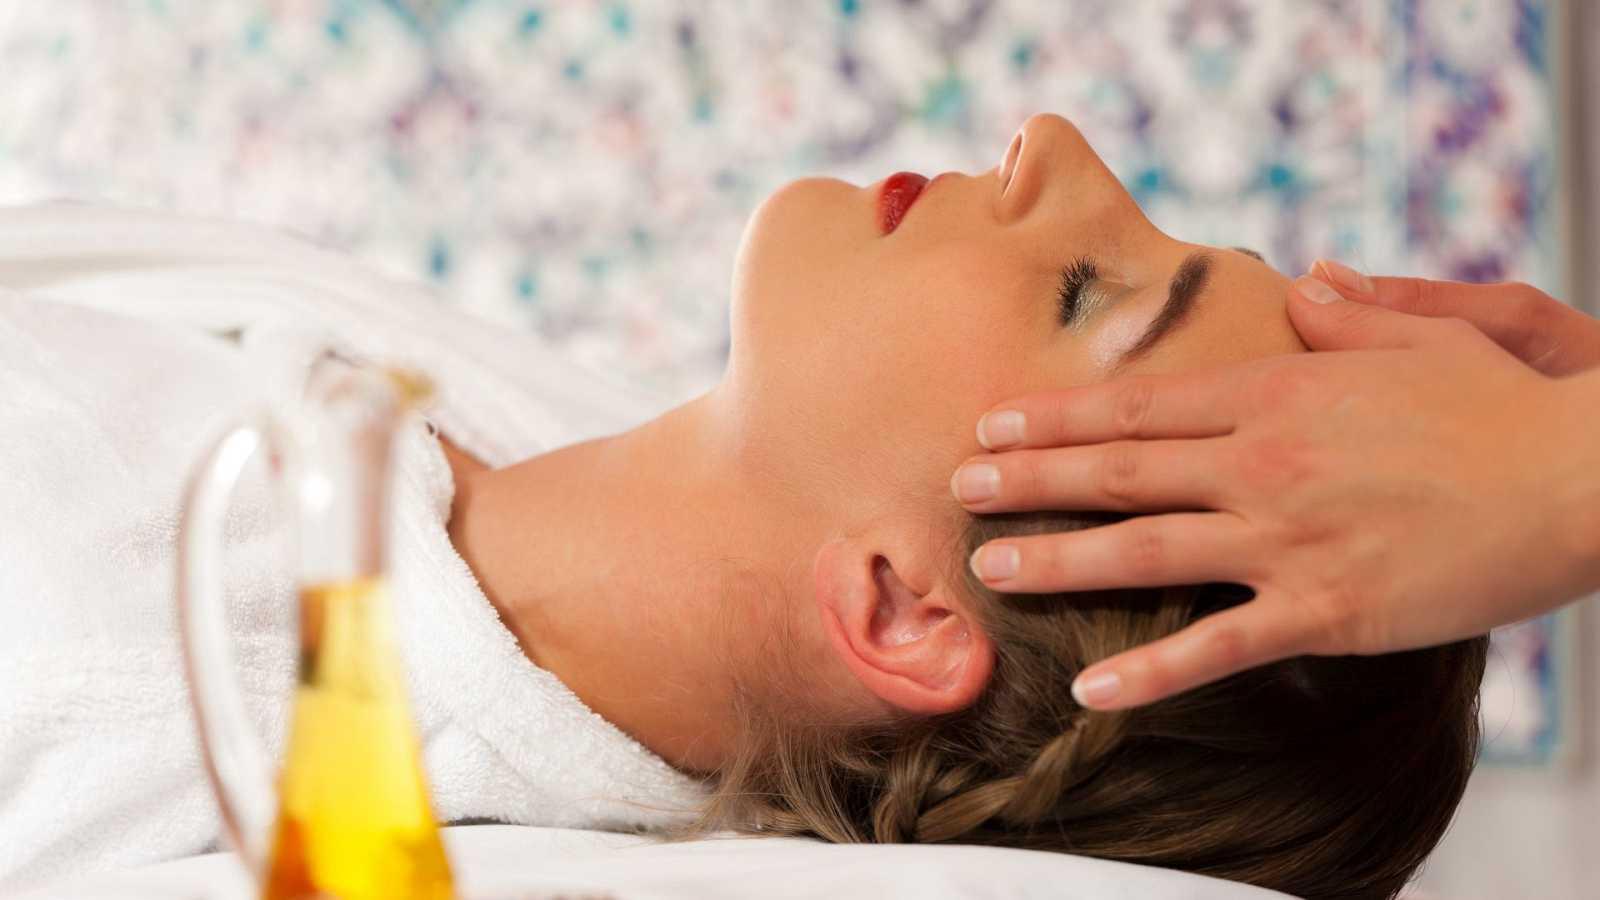 Tras el verano es un buen momento para adquirir rutinas que hidraten y regeneren nuestra piel